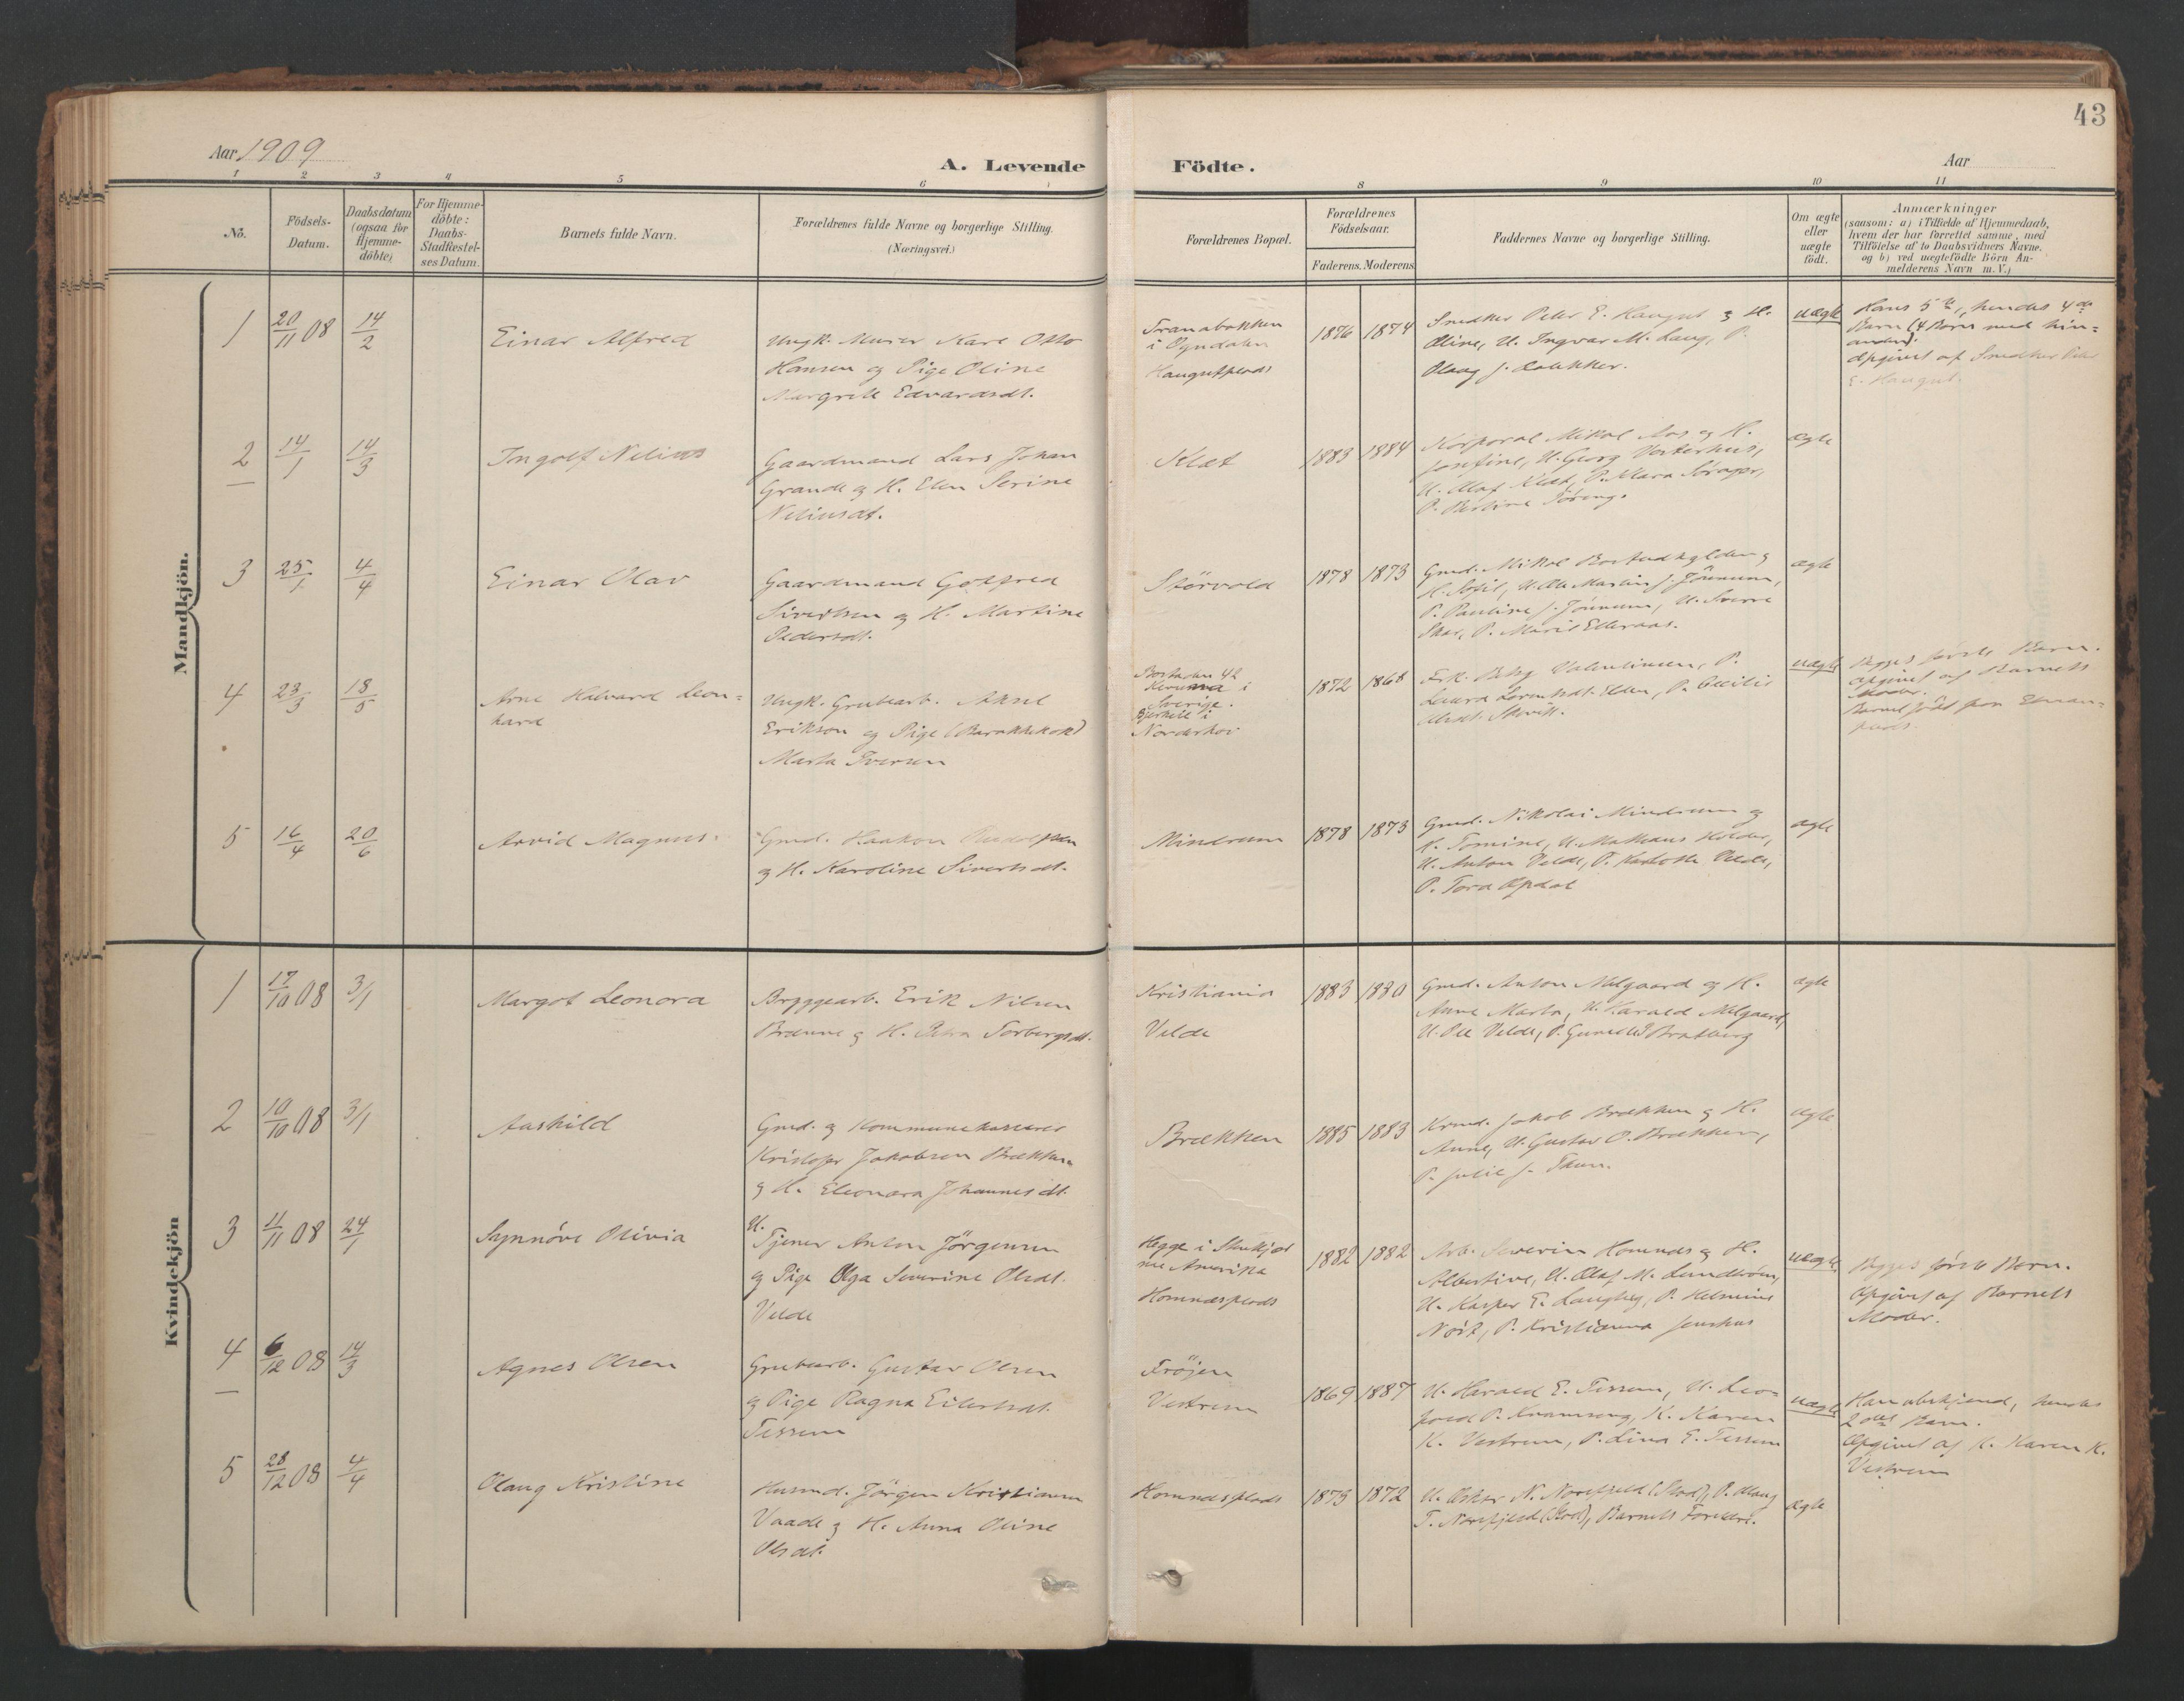 SAT, Ministerialprotokoller, klokkerbøker og fødselsregistre - Nord-Trøndelag, 741/L0397: Ministerialbok nr. 741A11, 1901-1911, s. 43